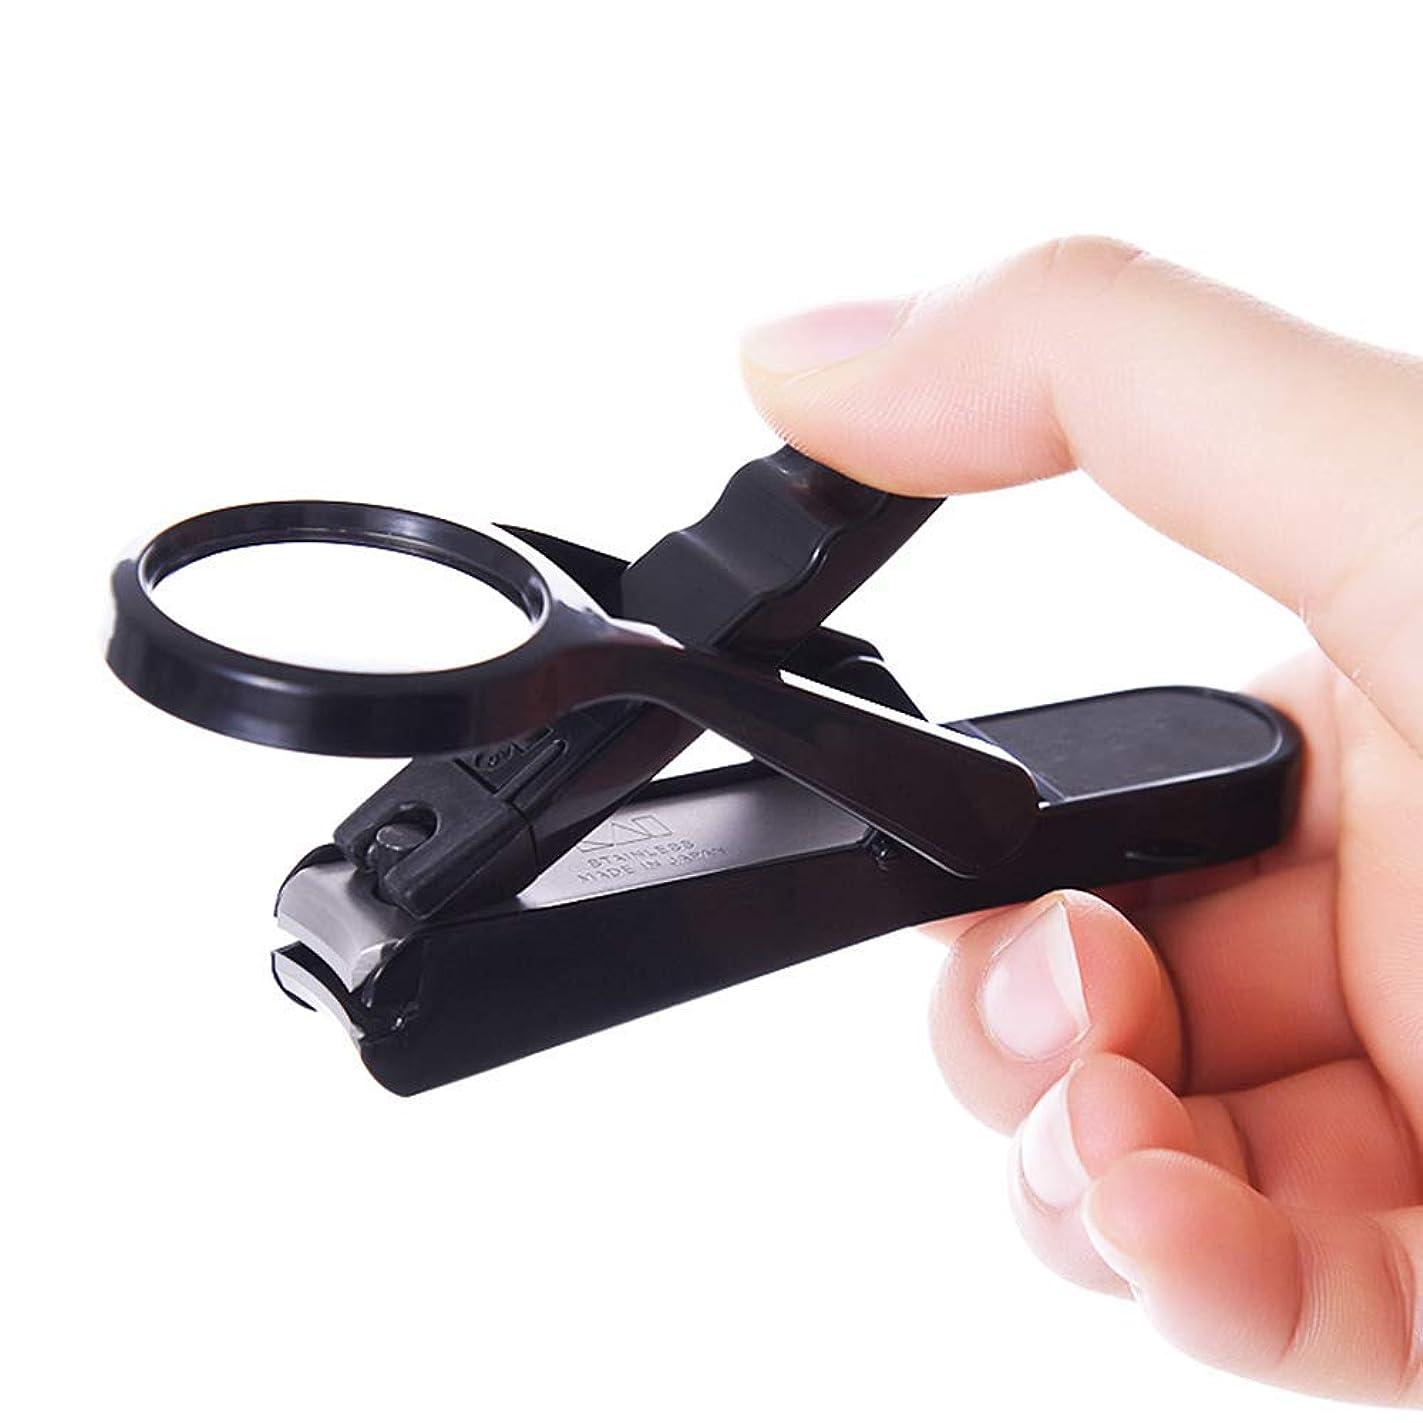 眠るフォージイブ虫眼鏡ネイルハサミと足の爪のトリマーと高齢者と赤ちゃんの安全ネイルケアのためのネイルクリッパー